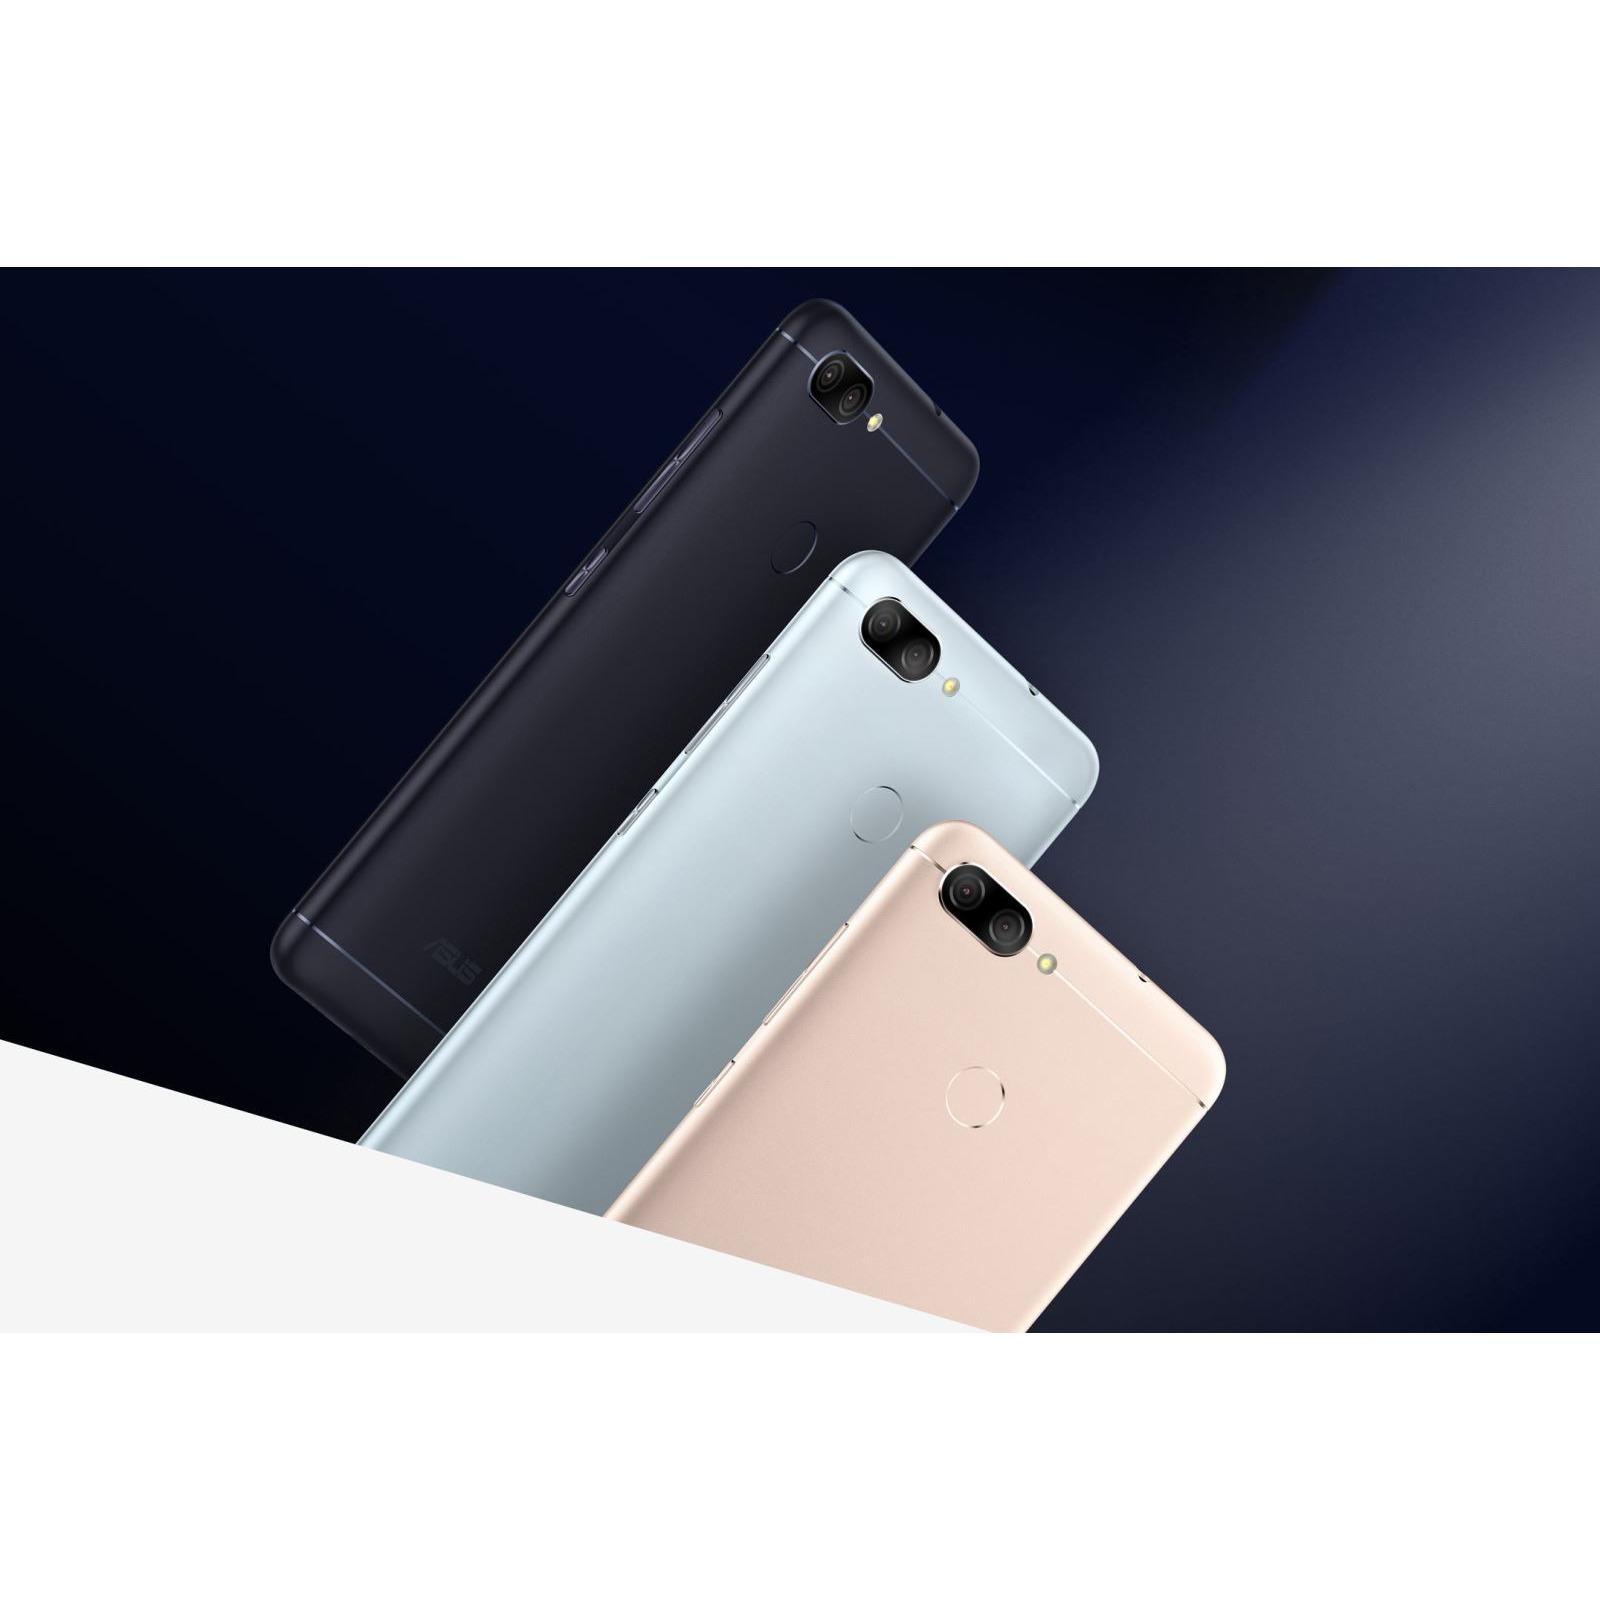 Asus Zenfone Max Plus M1 32GB RAM 3GB (Bạc xanh) – Hãng phân phối chính thức